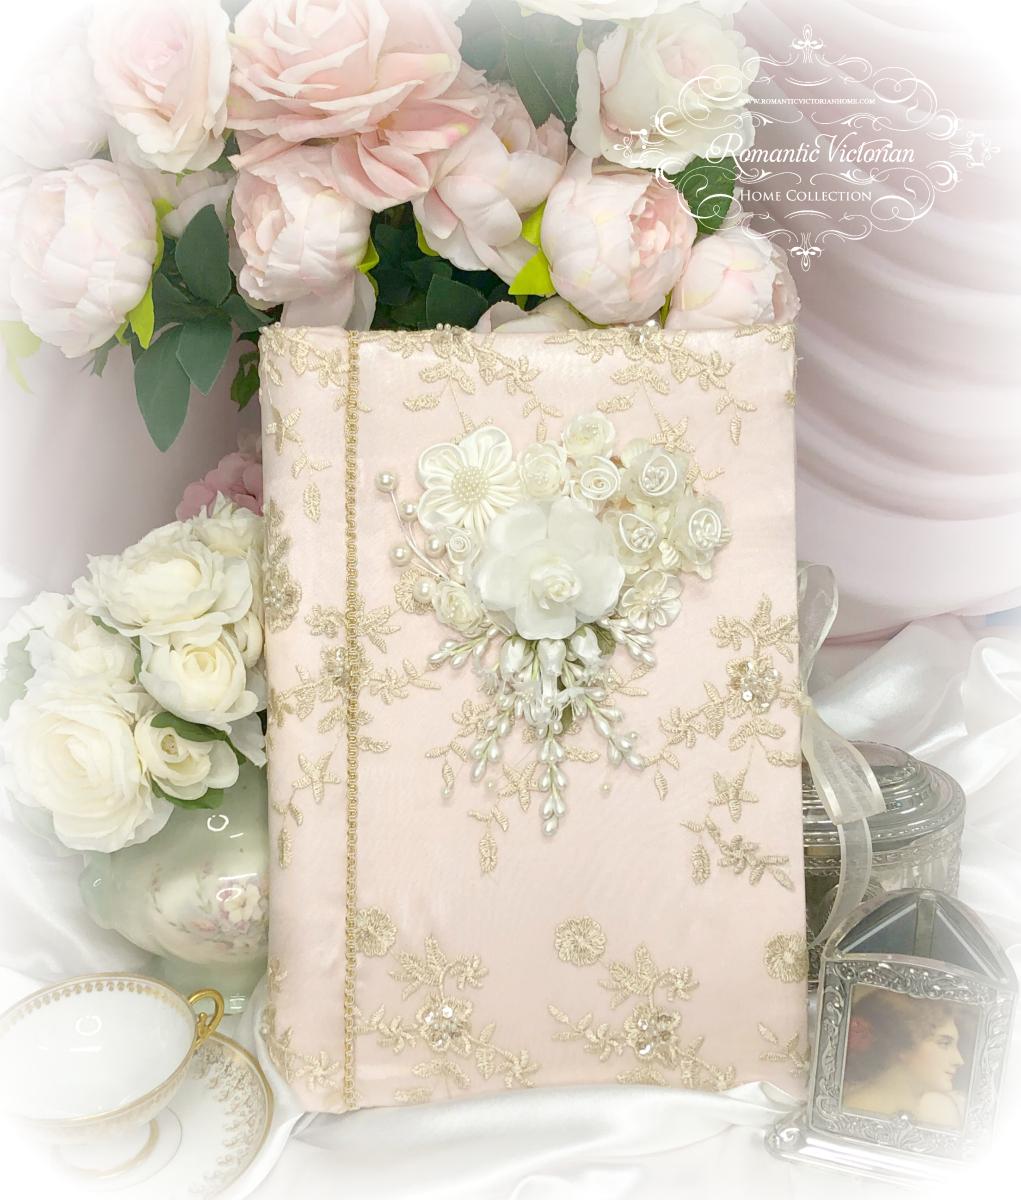 Image 2 of Large Rose Gold Romantic Victorian Photo Album